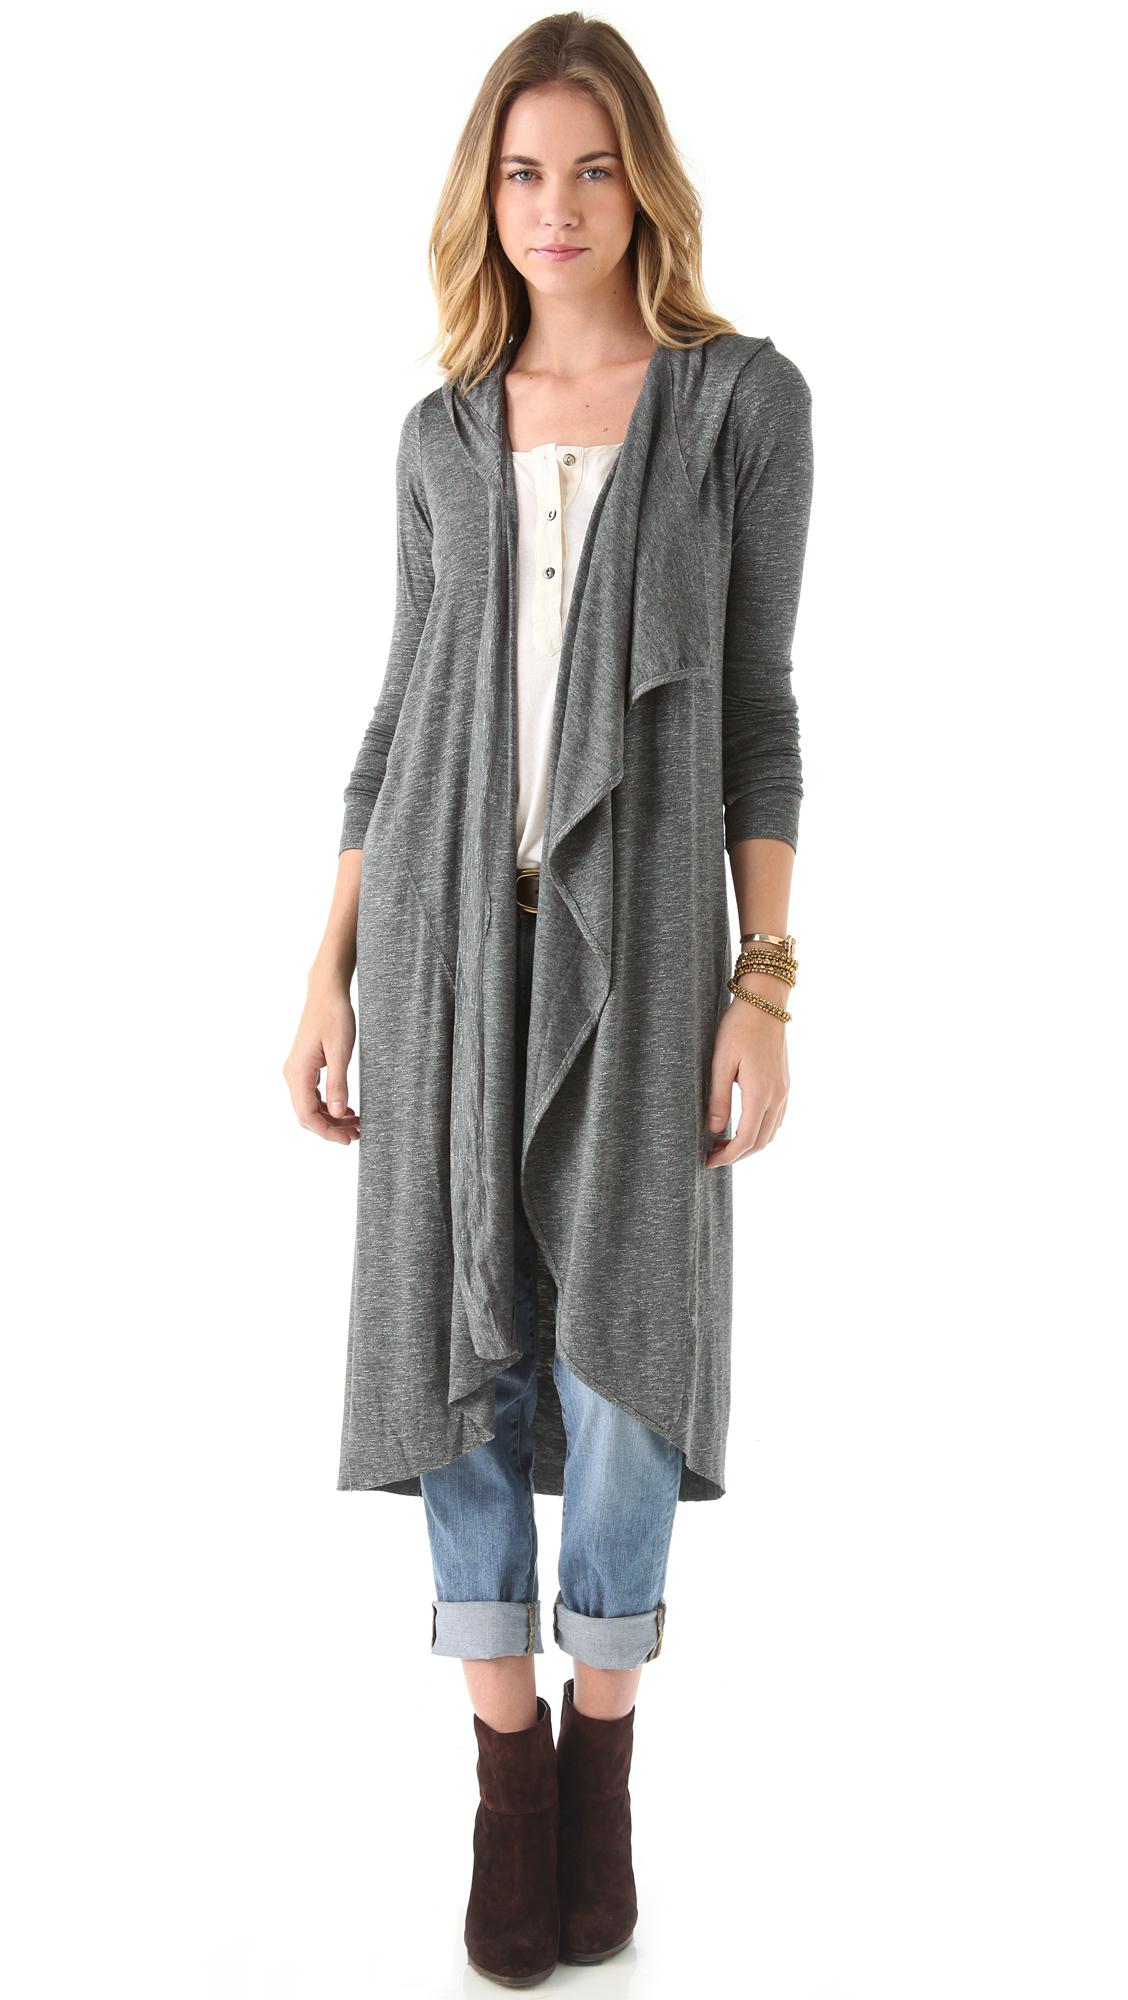 Dolan Asymmetrical Hooded Maxi Cardigan in Gray | Lyst